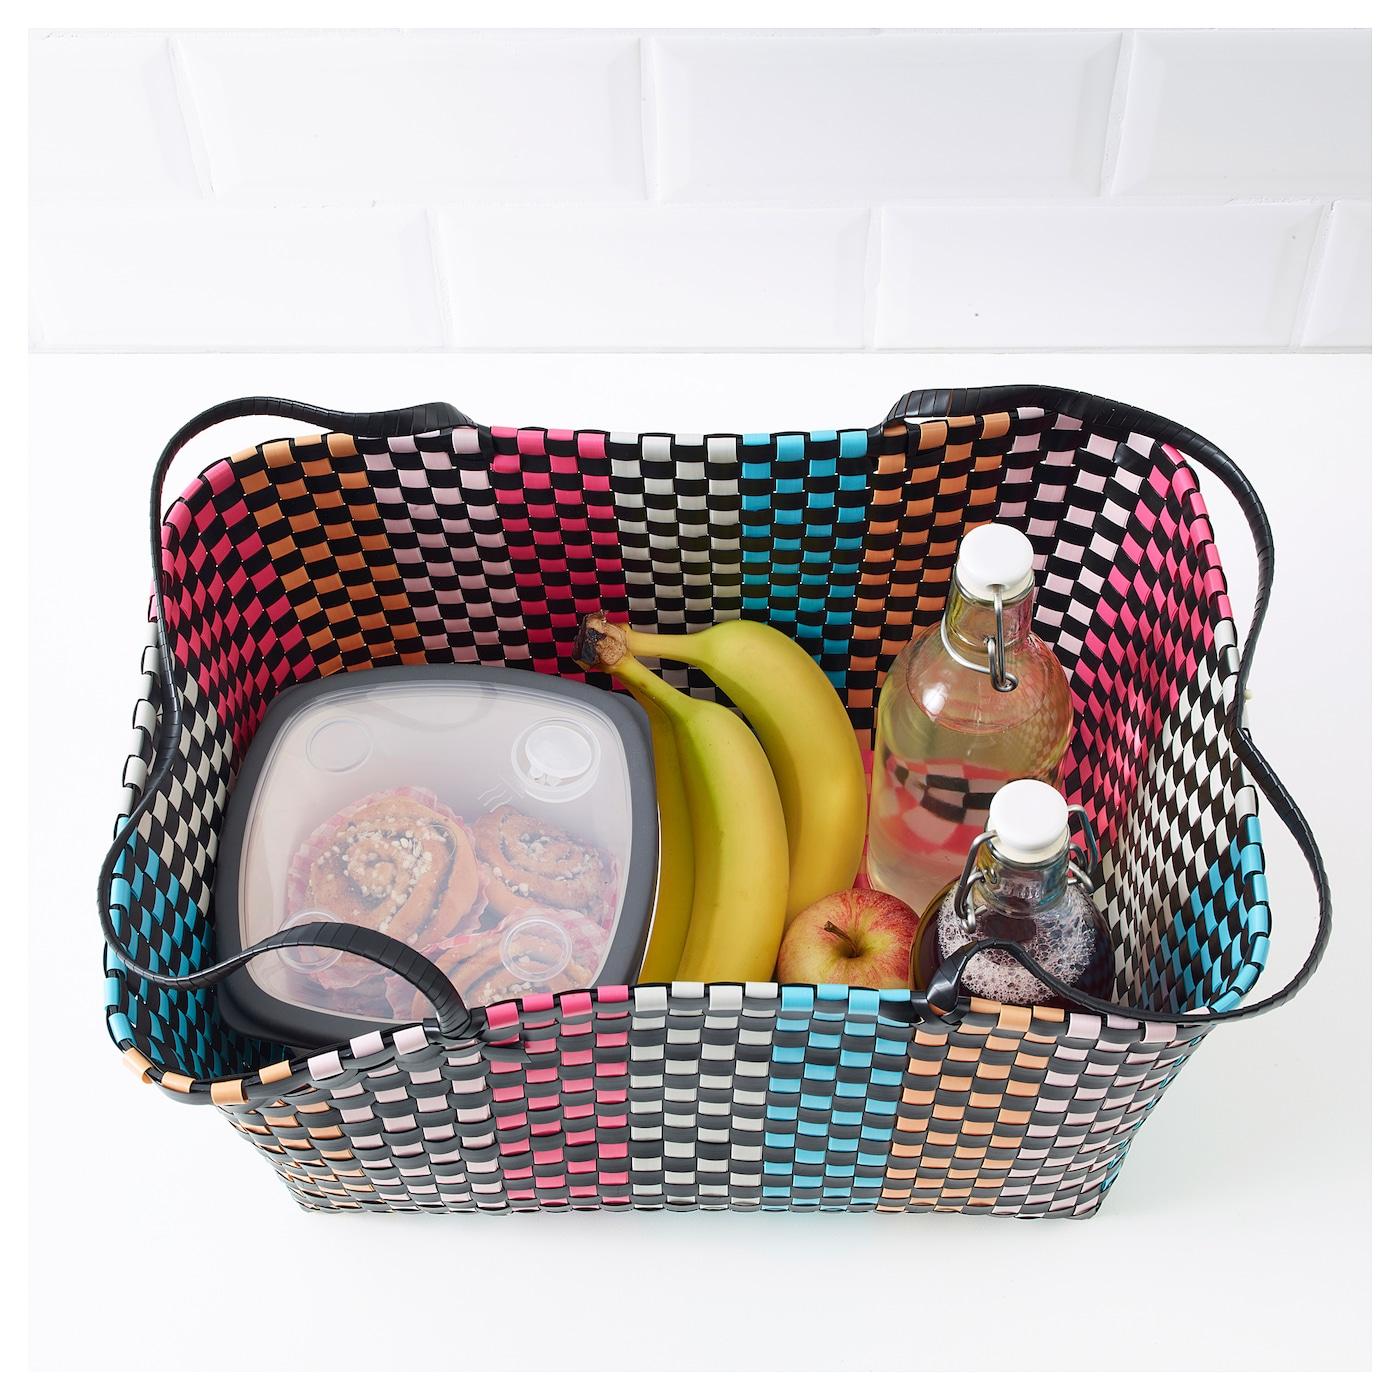 sommar 2018 picnic hamper ikea. Black Bedroom Furniture Sets. Home Design Ideas